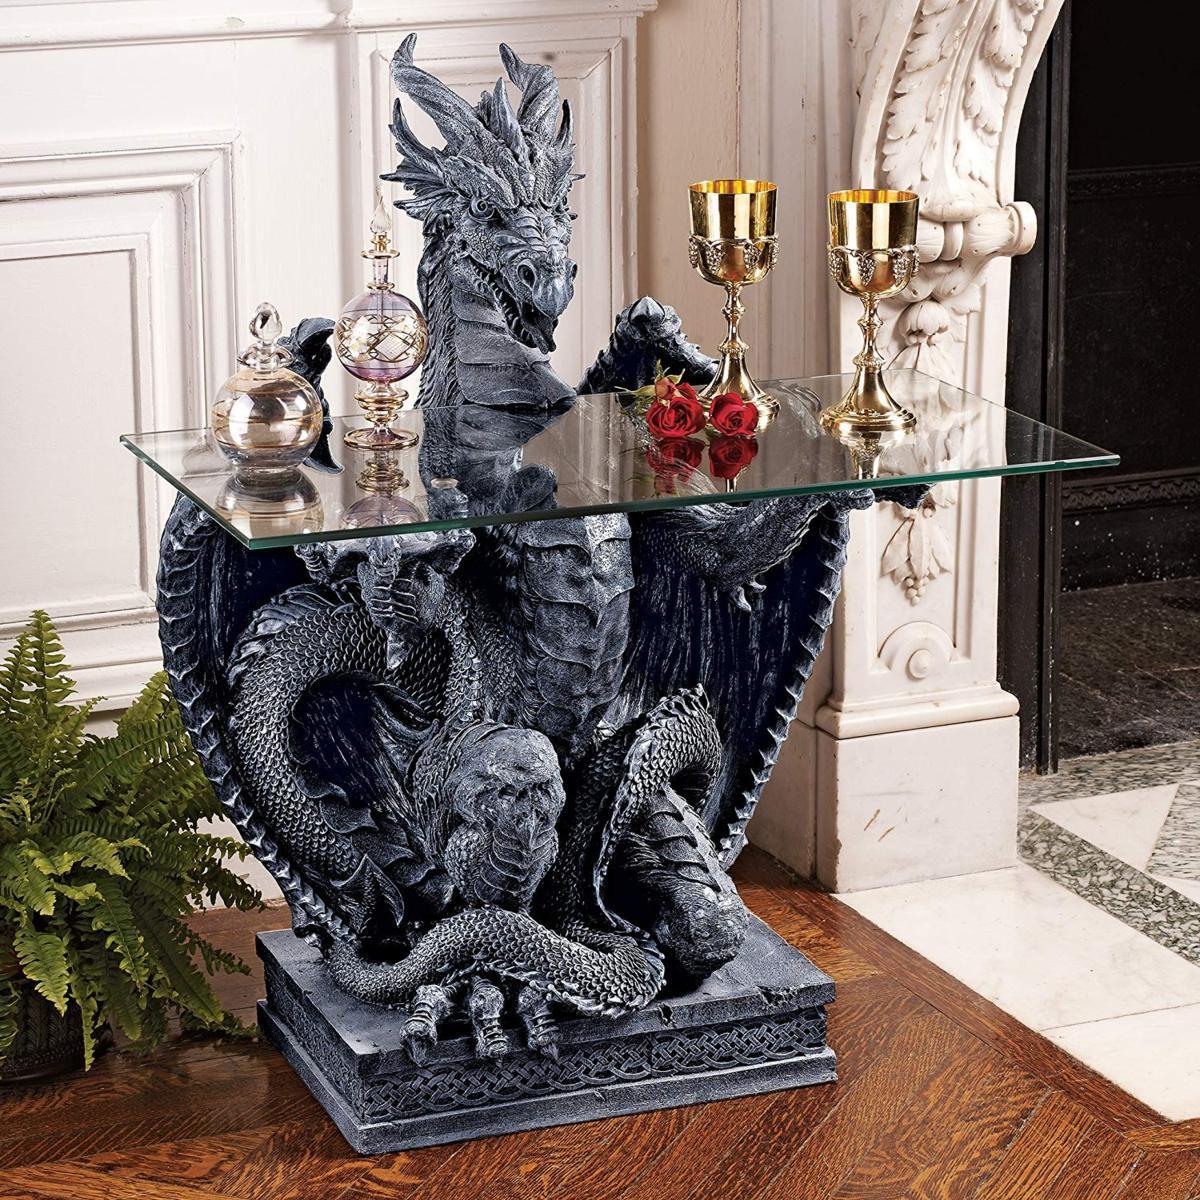 デザイン・トスカノ製 (龍)ドラゴンのガラス製 テーブルトップ 彫刻 彫像/ Design Toscano The Subservient Dragon Glass-Topped(輸入品)